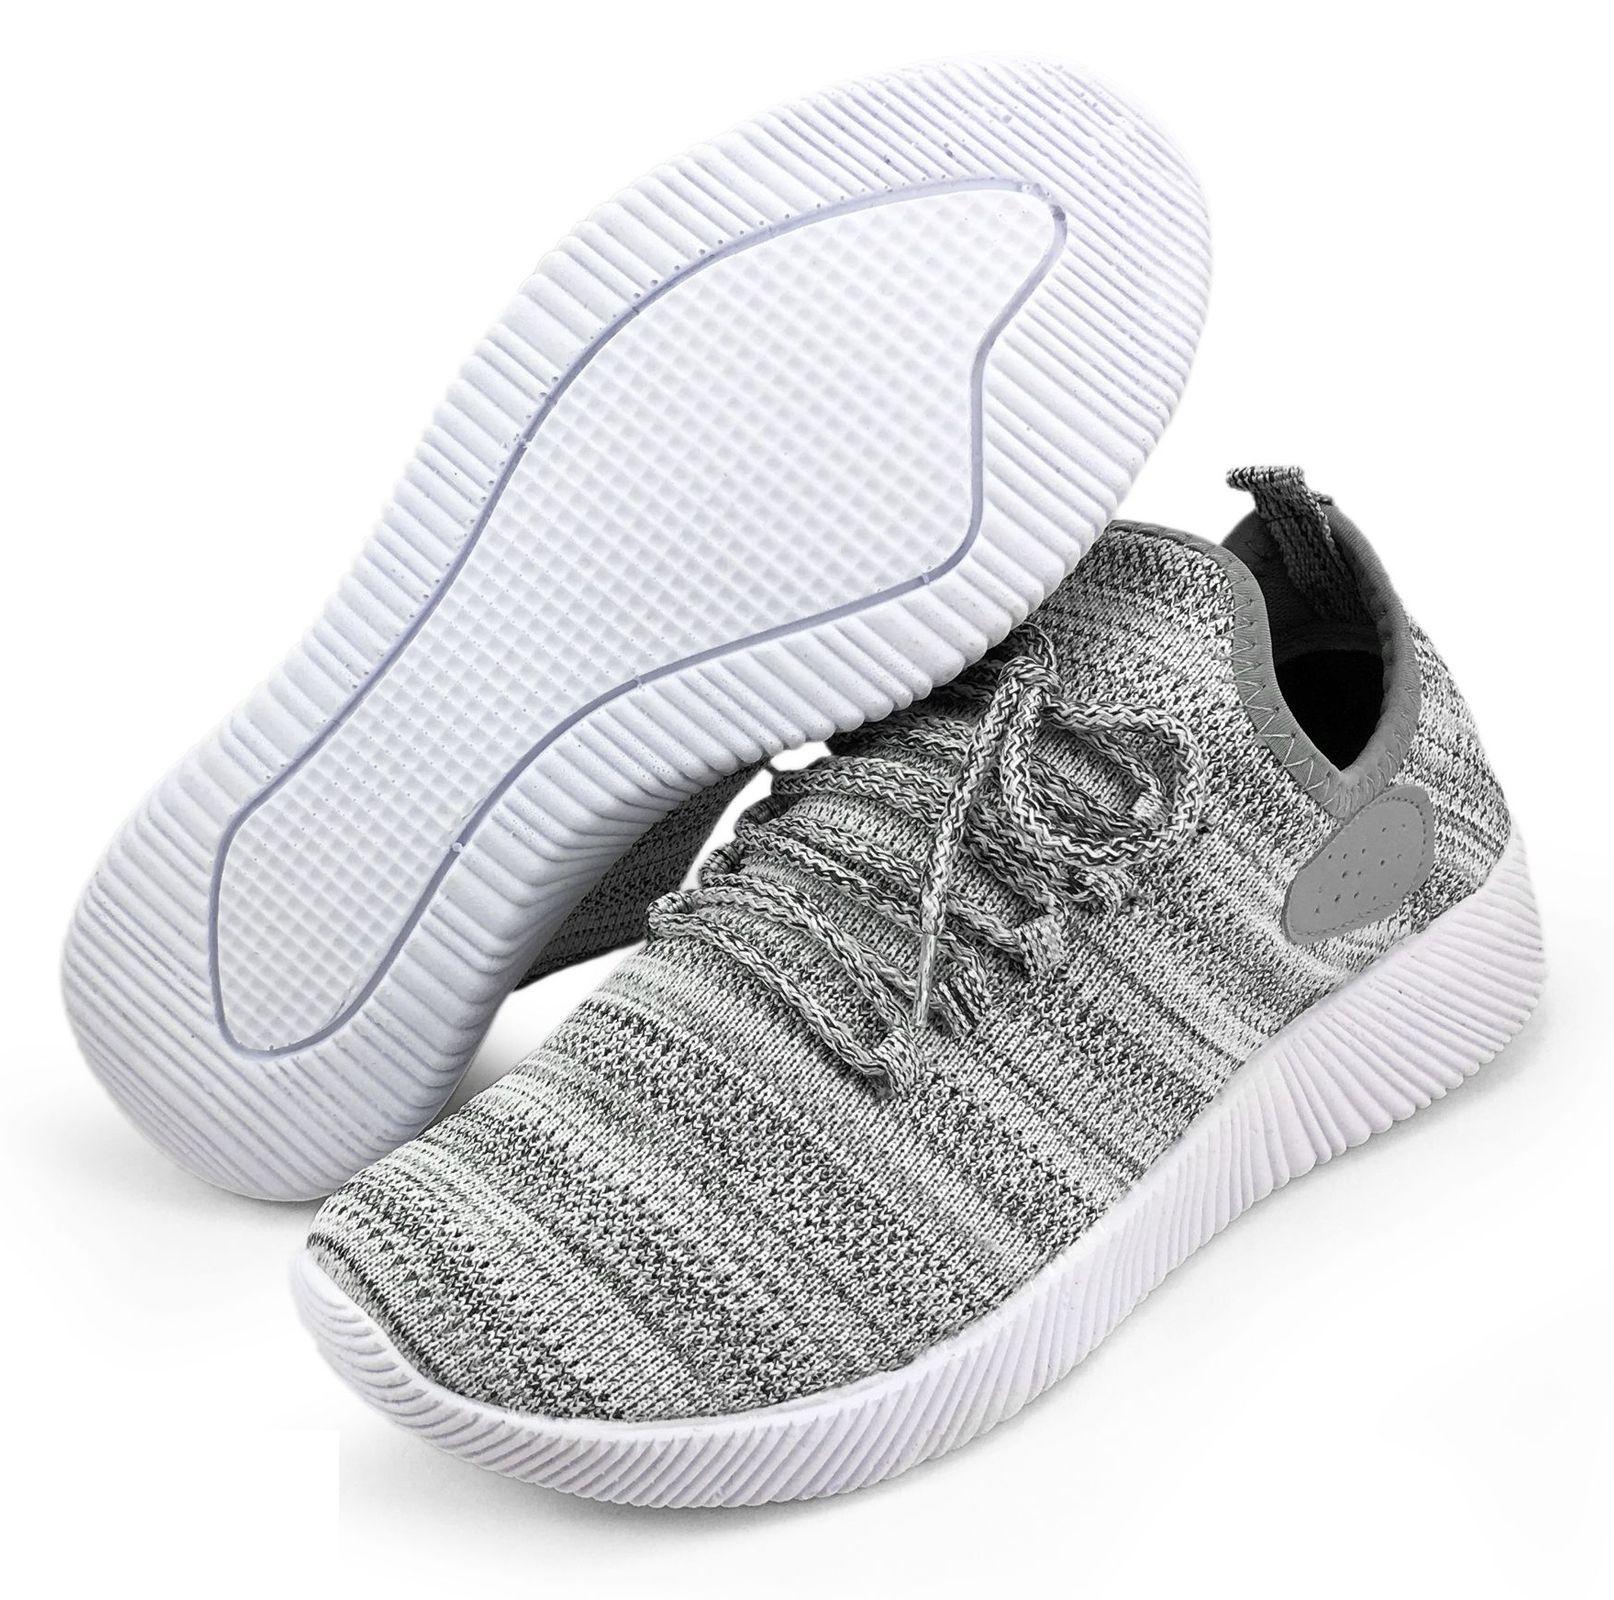 کفش مخصوص دویدن مردانه مدل اسکای کد 4105 main 1 7